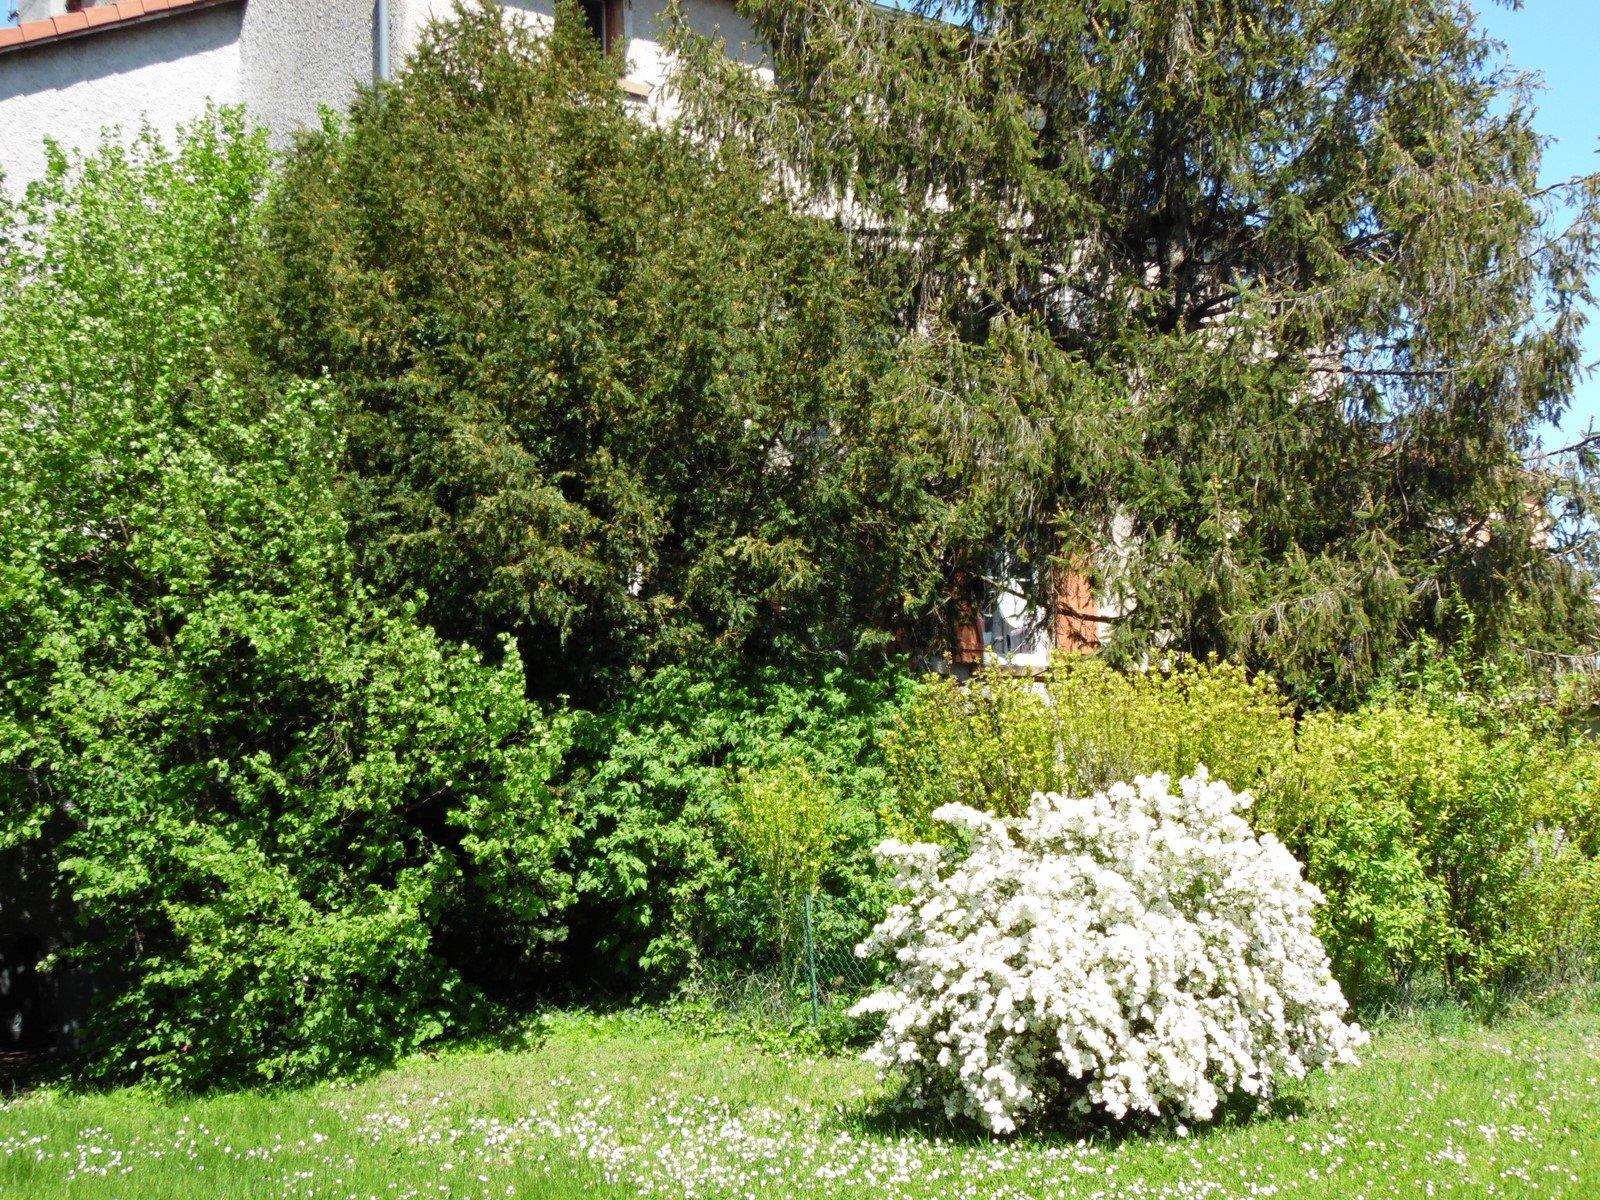 Loué par notre agence - T2 au calme sur jardin à Ste Foy lés Lyon